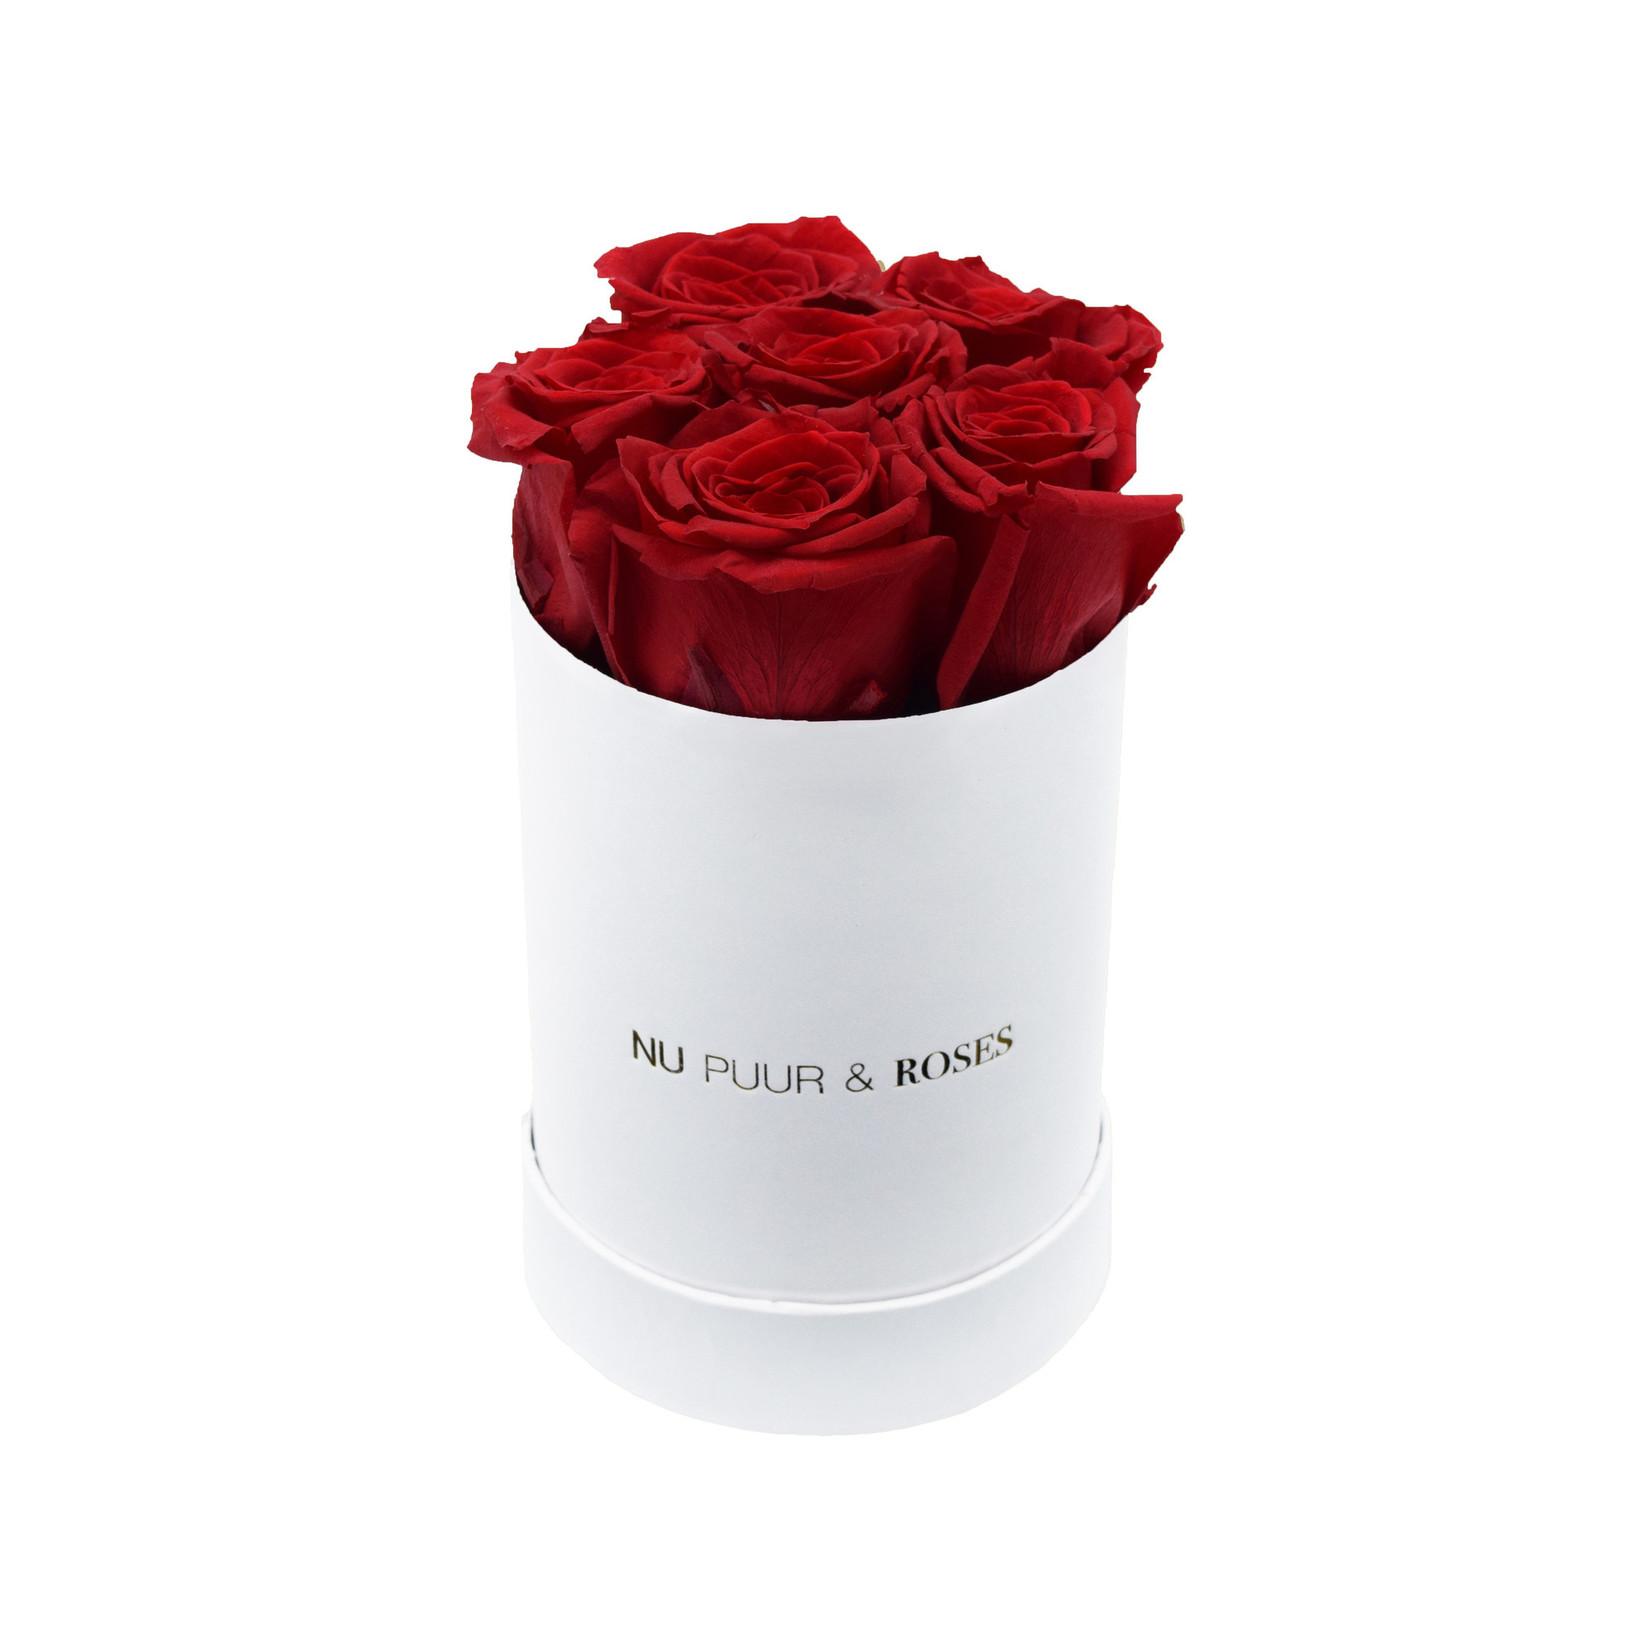 Mini - Red Endless Roses - White Box